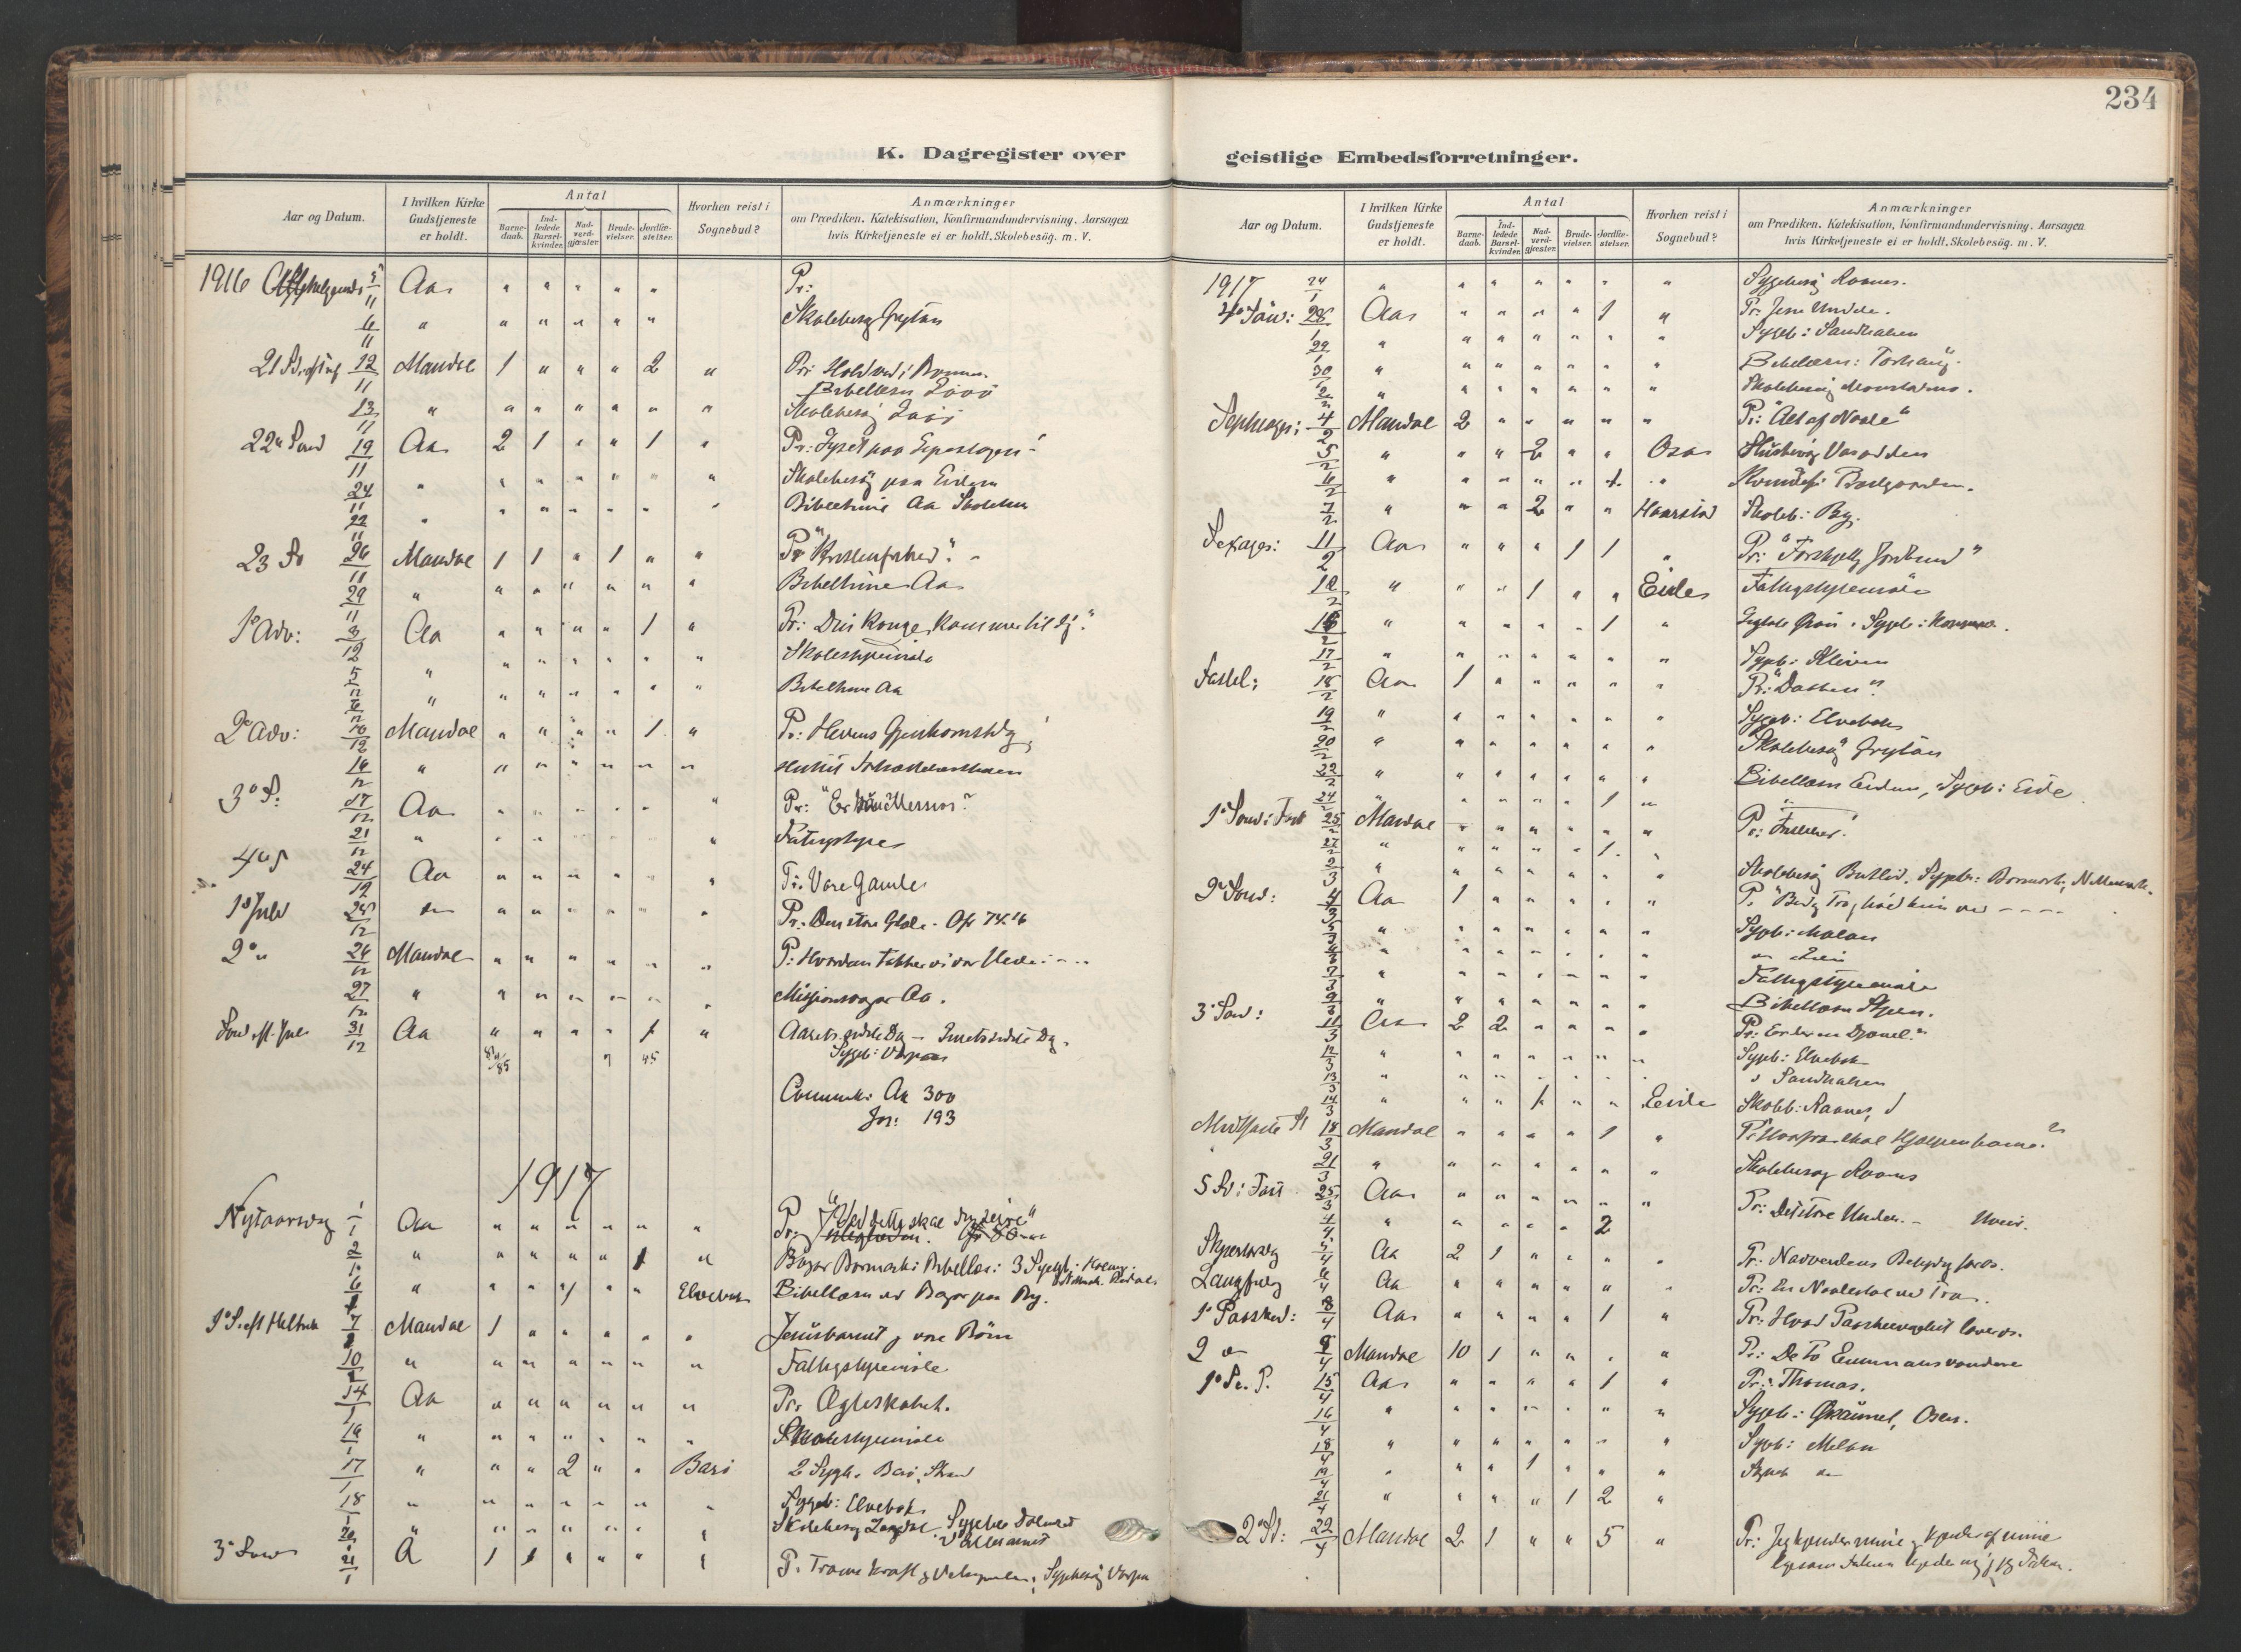 SAT, Ministerialprotokoller, klokkerbøker og fødselsregistre - Sør-Trøndelag, 655/L0682: Ministerialbok nr. 655A11, 1908-1922, s. 234